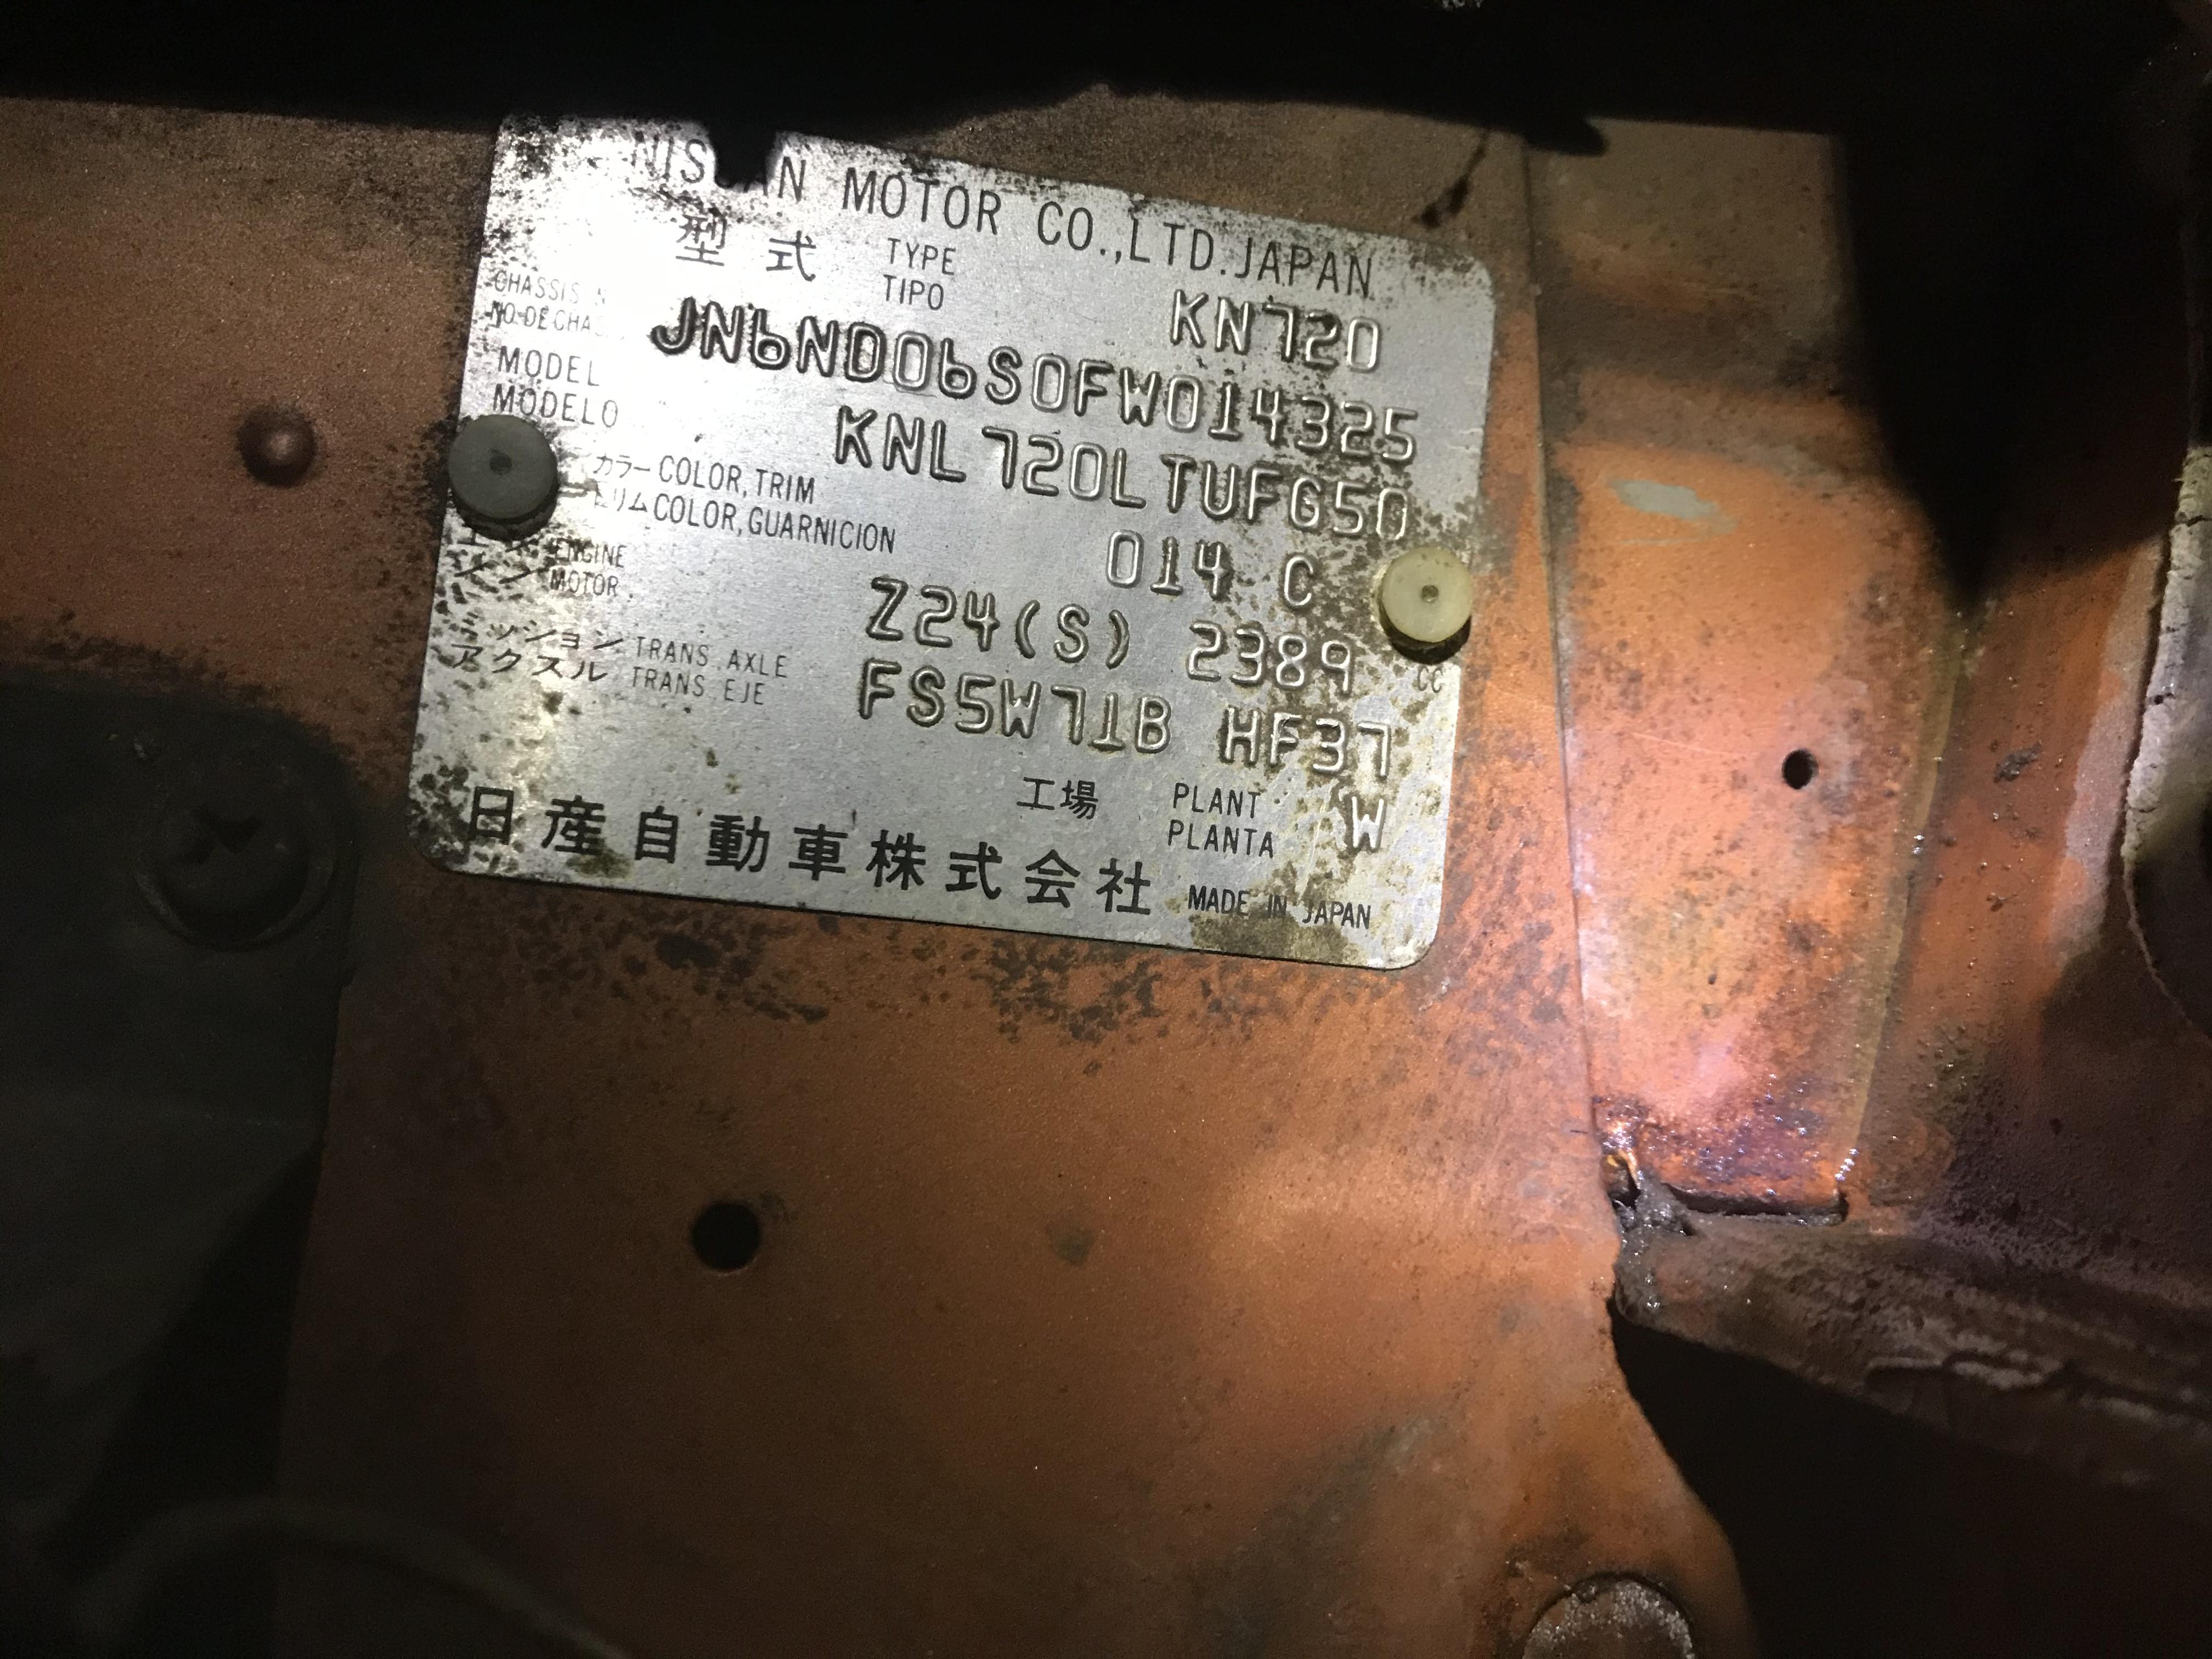 FAD716-C1-E9-C5-41-CB-9-D14-3645012-B1-E